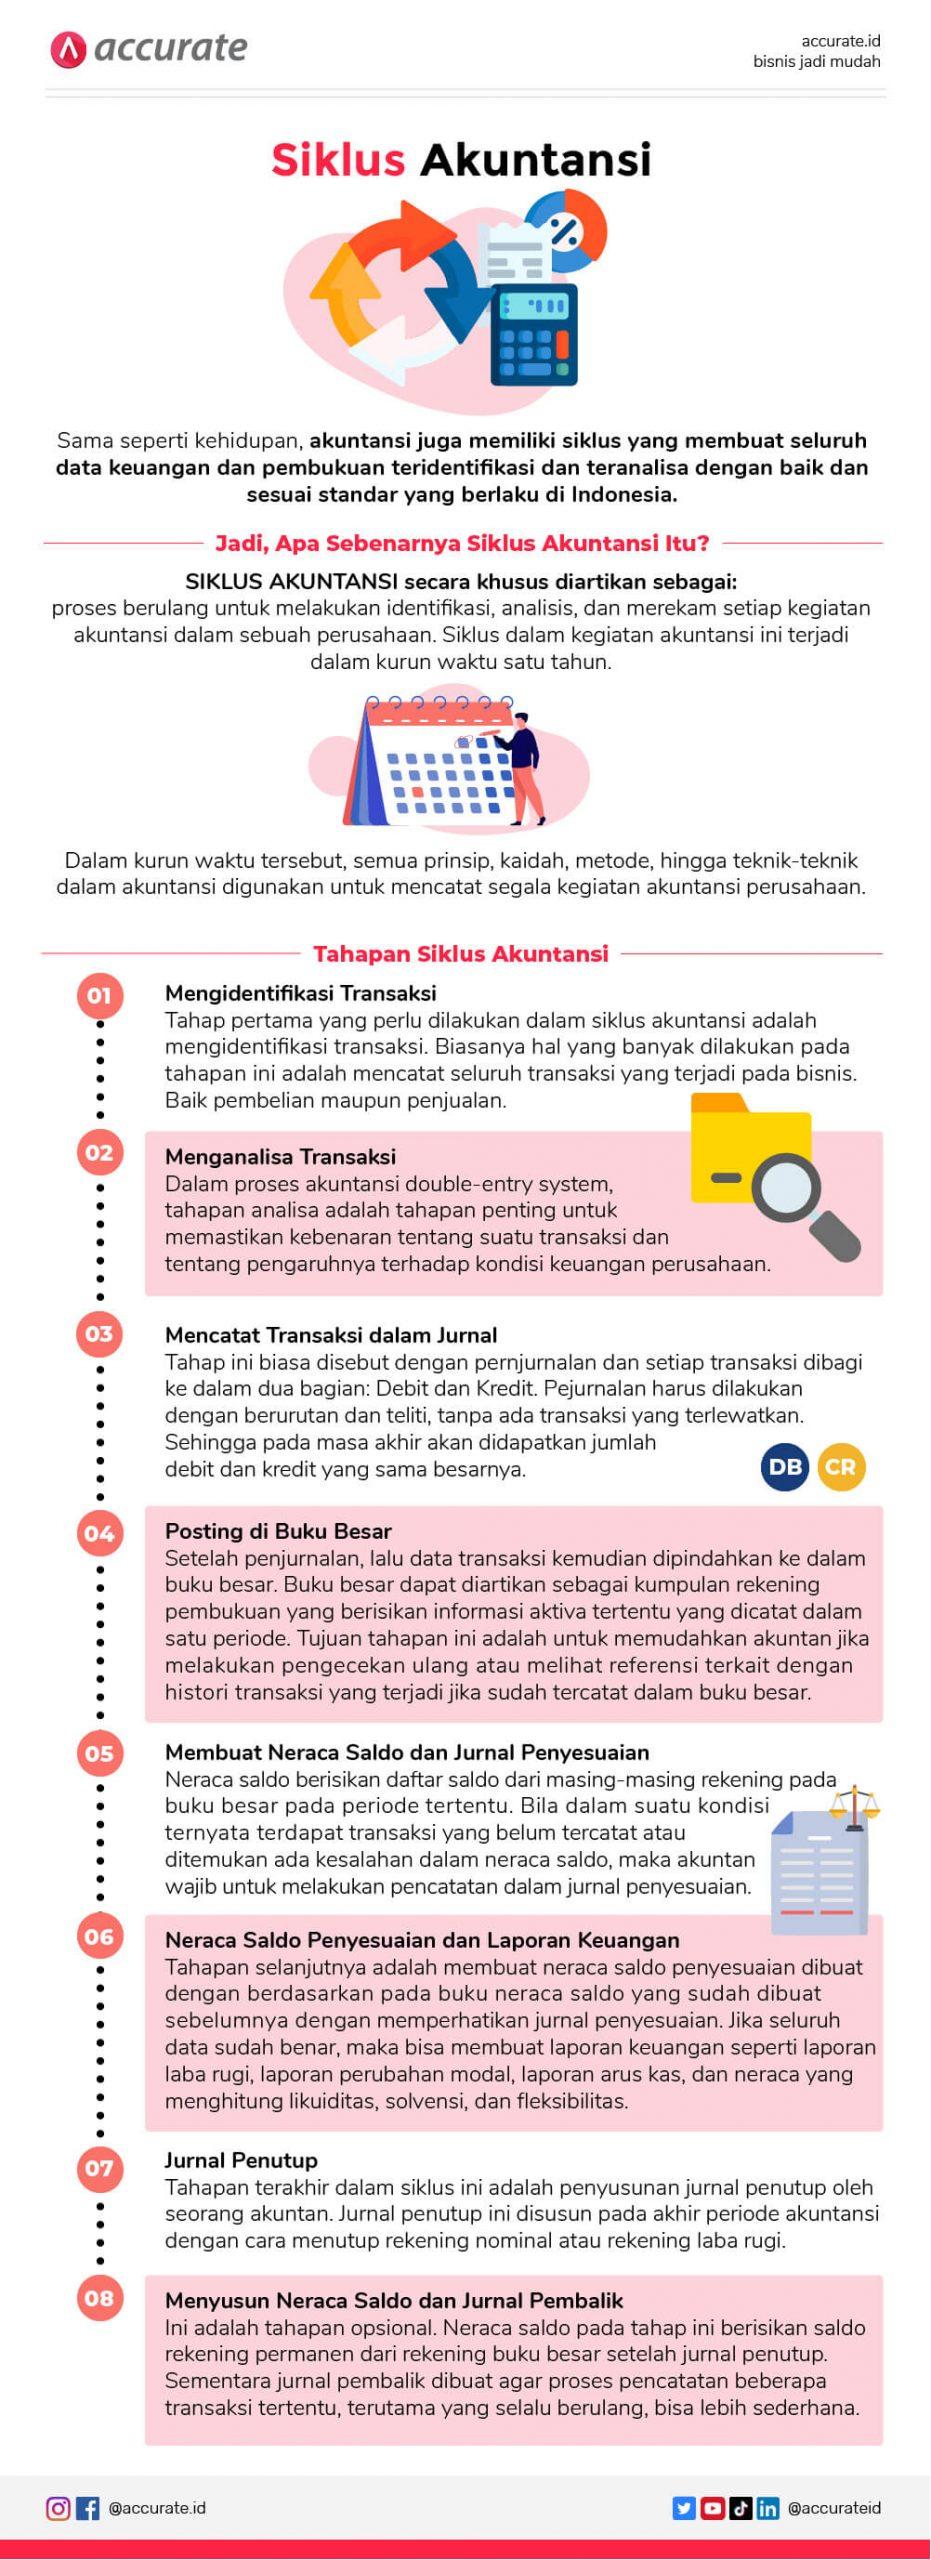 Infografis Siklus akuntansi